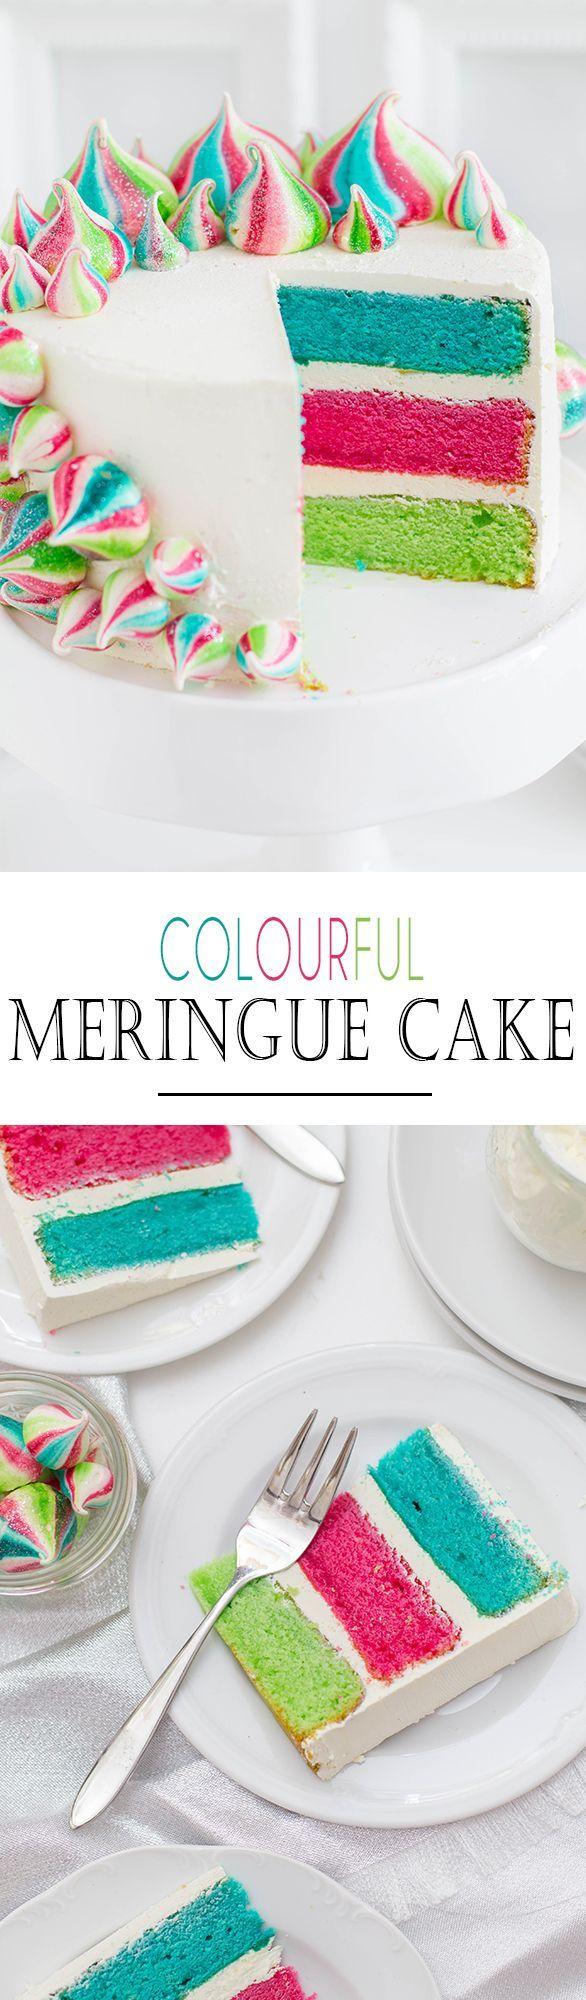 Colourful Meringue Cake with Vanilla Buttercream and Meringue Drops   Bunter Baiser Kuchen mit Vanille Buttercreme und bunten Baiserdrops